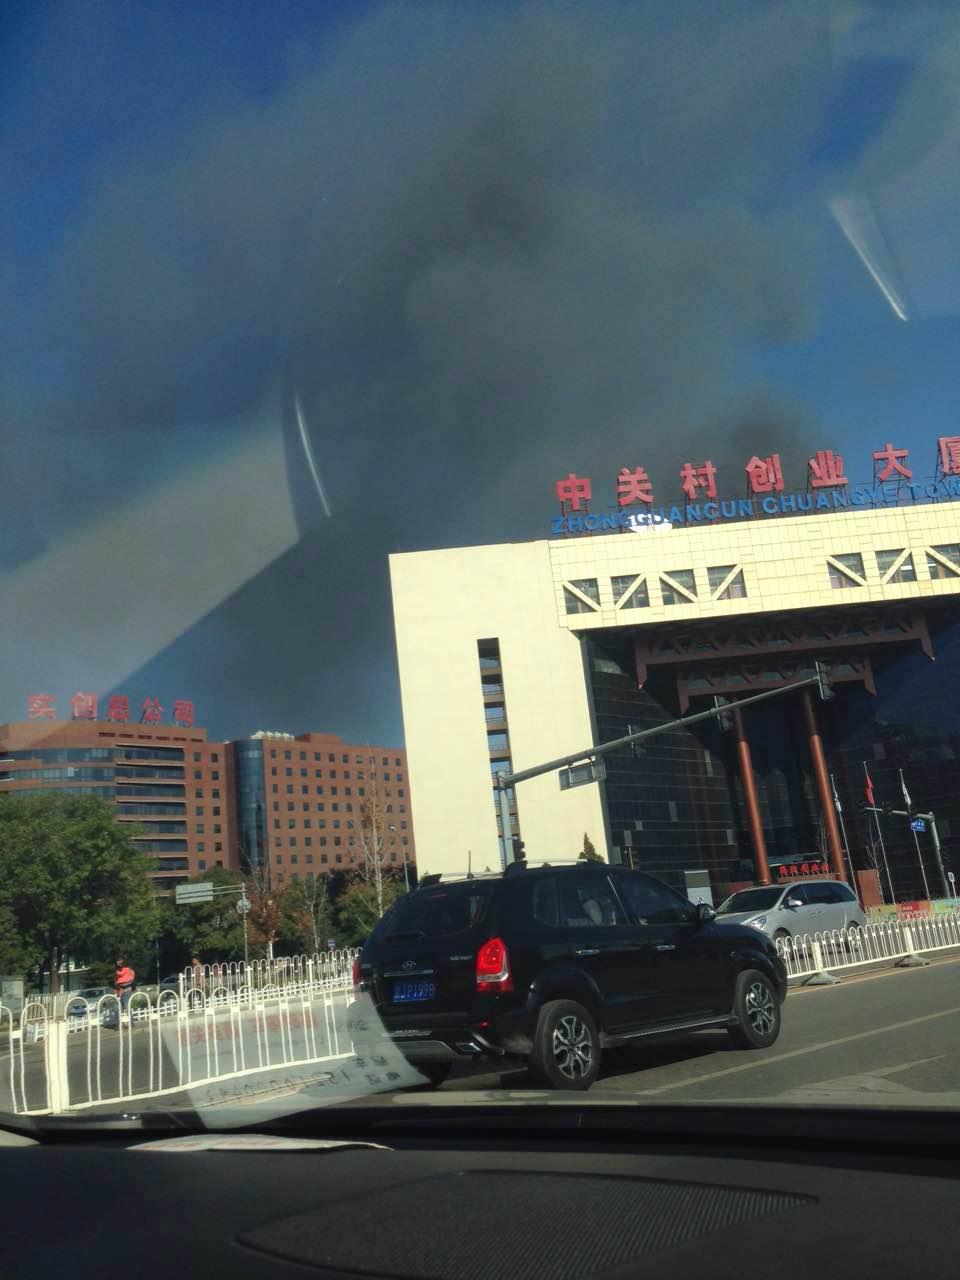 今天北京浓烟滚滚? - 点击图片进入下一页